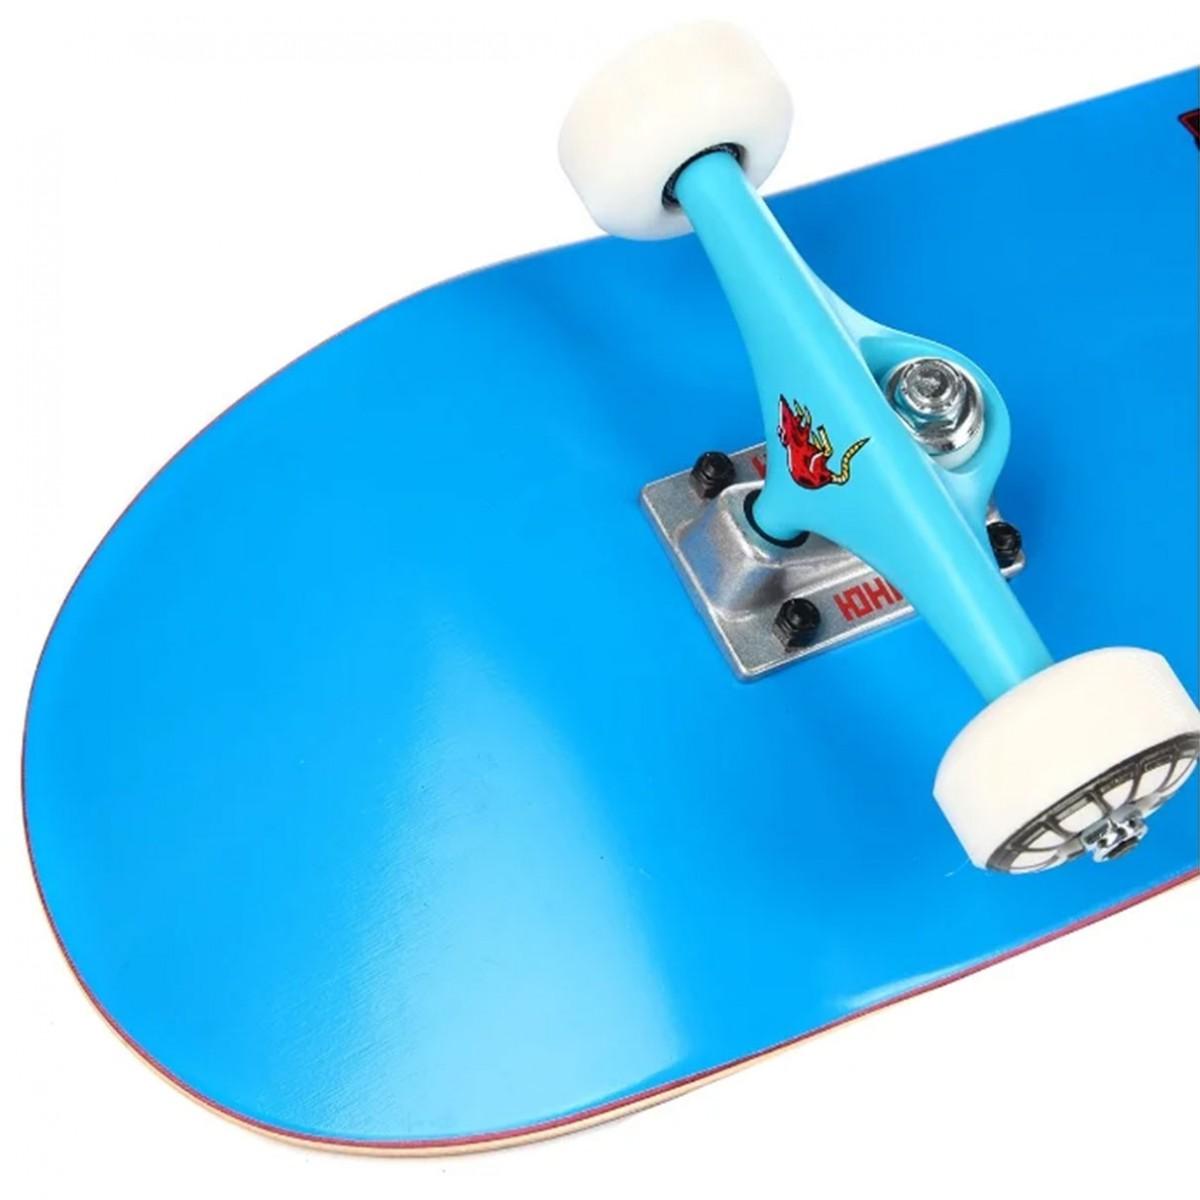 """Скейт в сборе ЮНИОН MAFON, 8.125""""x31.5"""""""